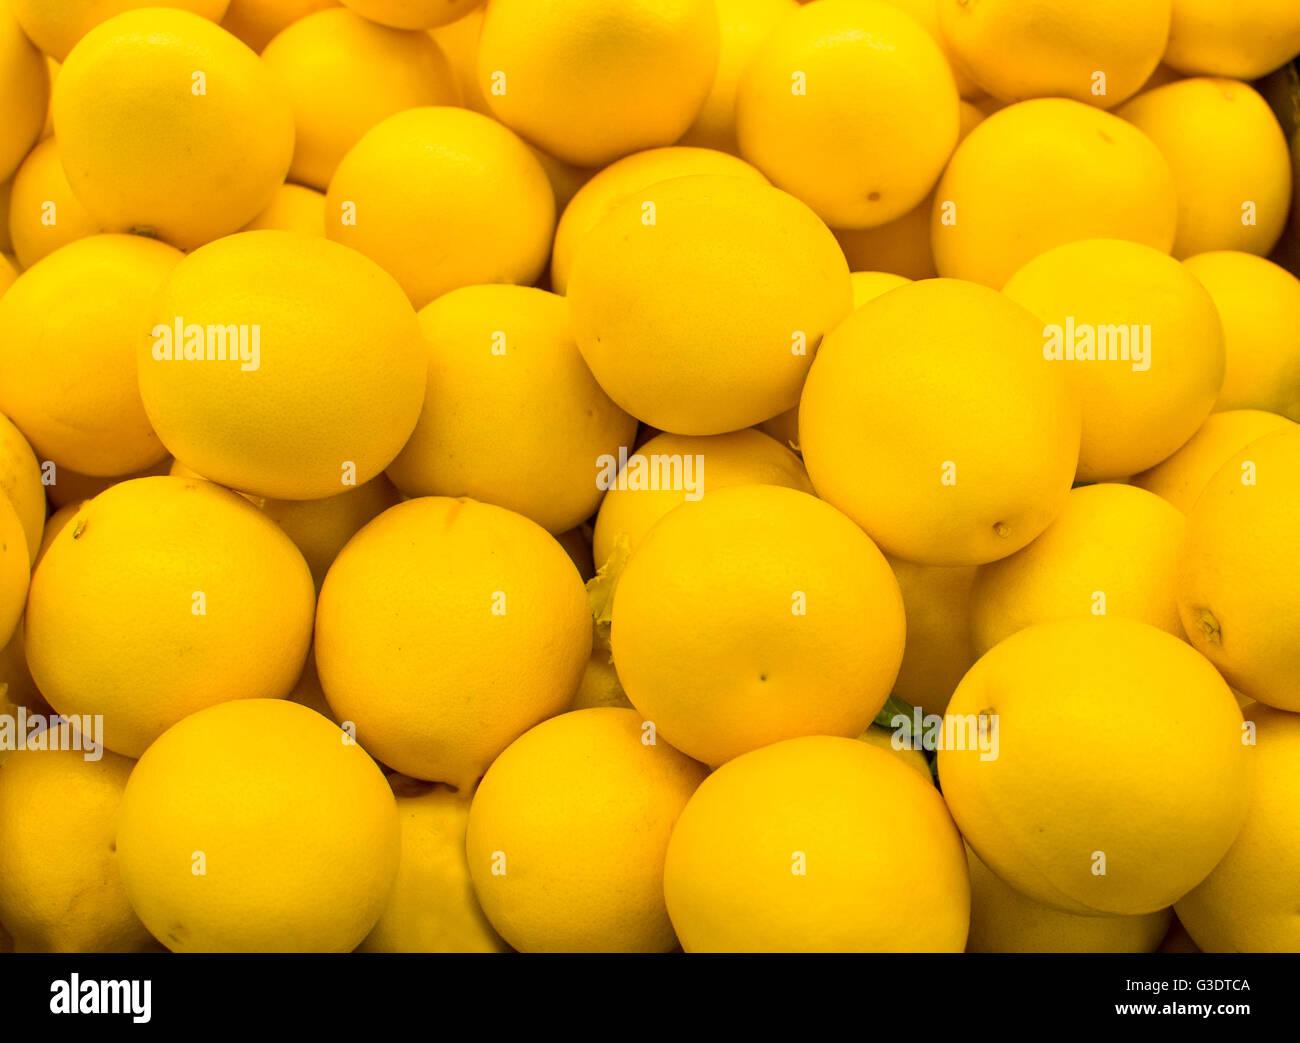 Citrons jaune fonds textures Photo Stock